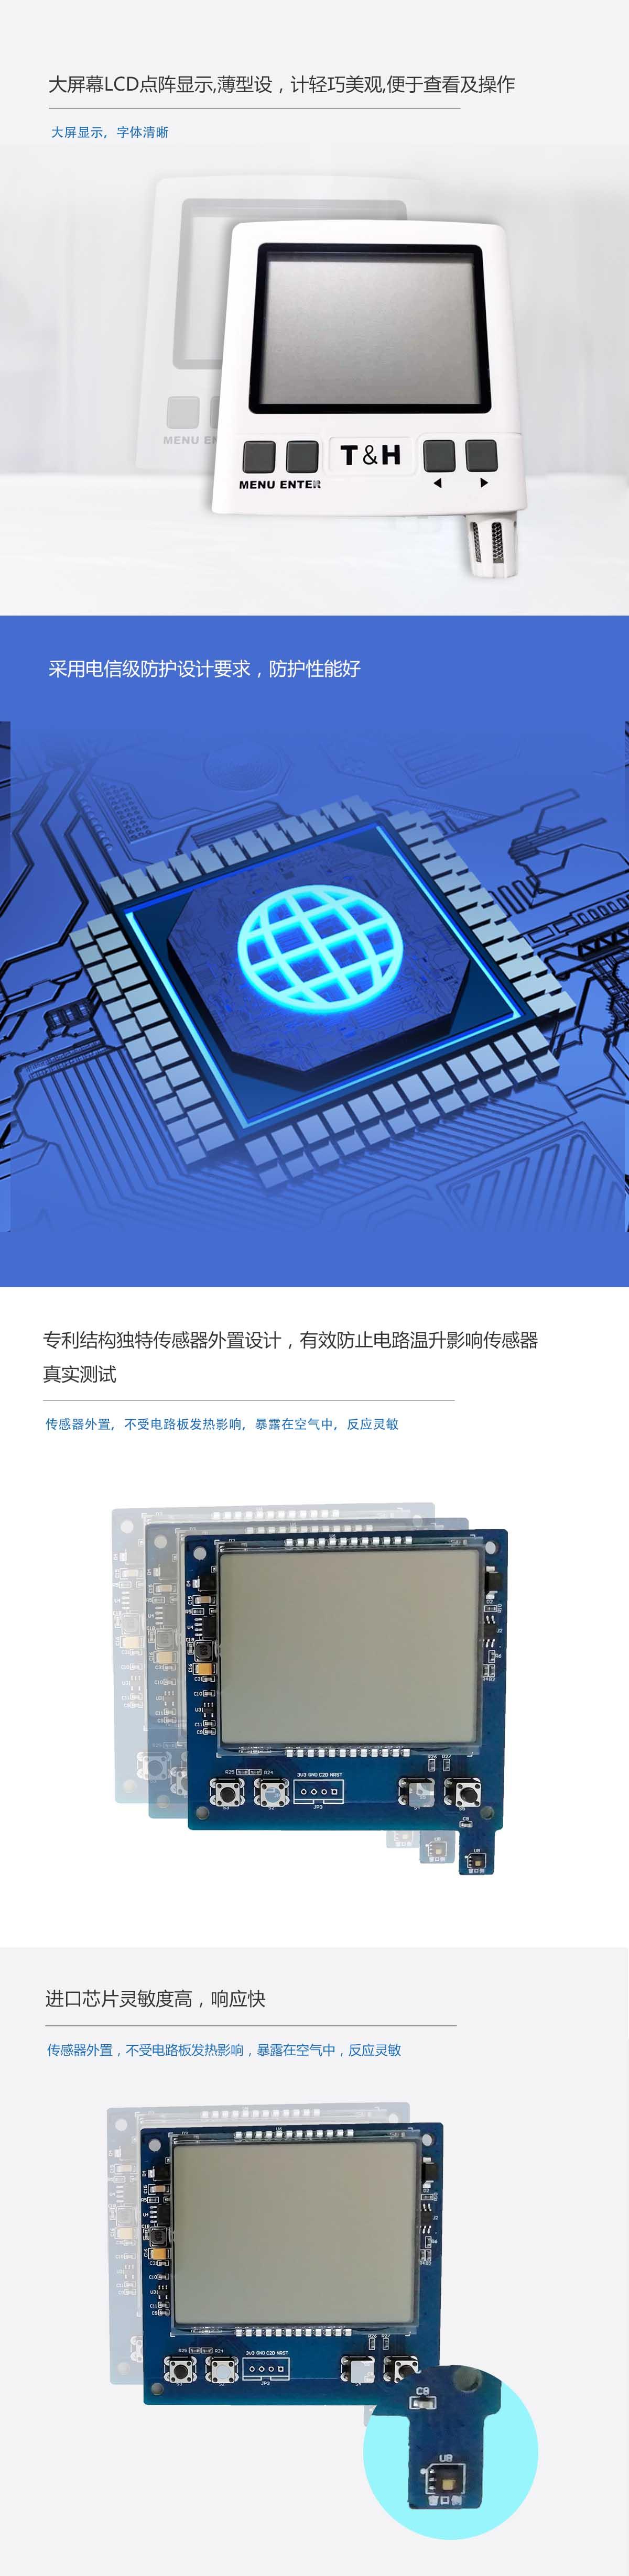 温湿度传感器产品特色